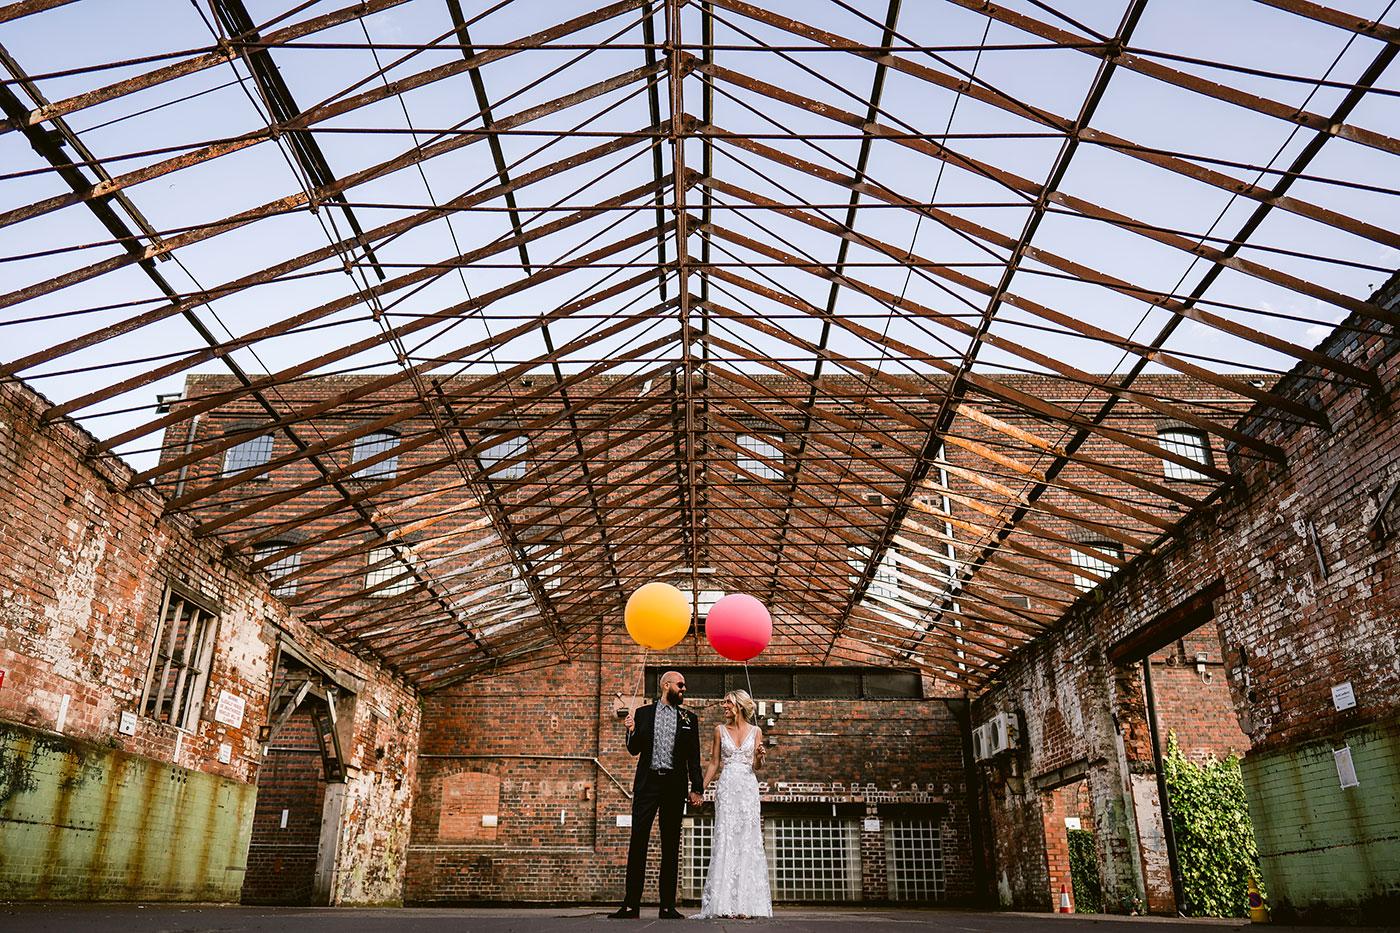 The Bond, Digbeth Wedding Venue